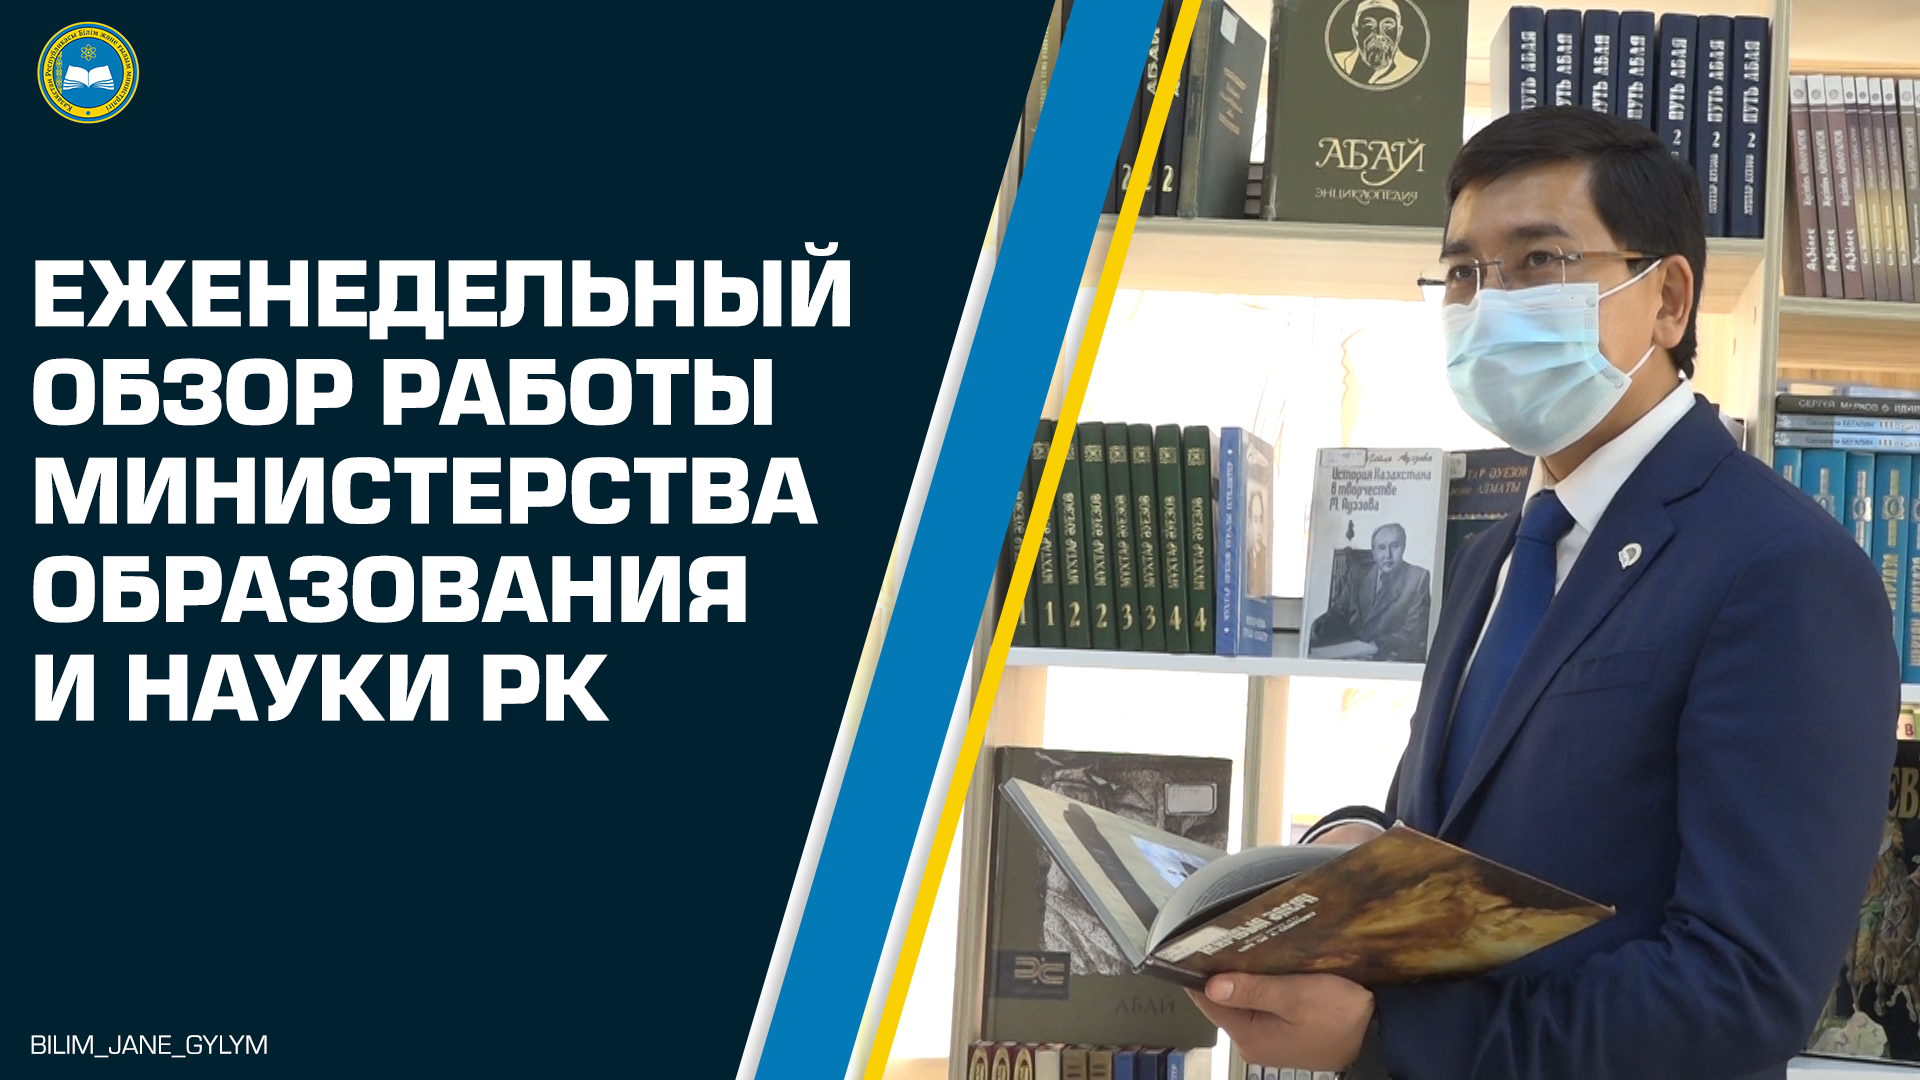 Еженедельный обзор работы Министерства образования и науки РК